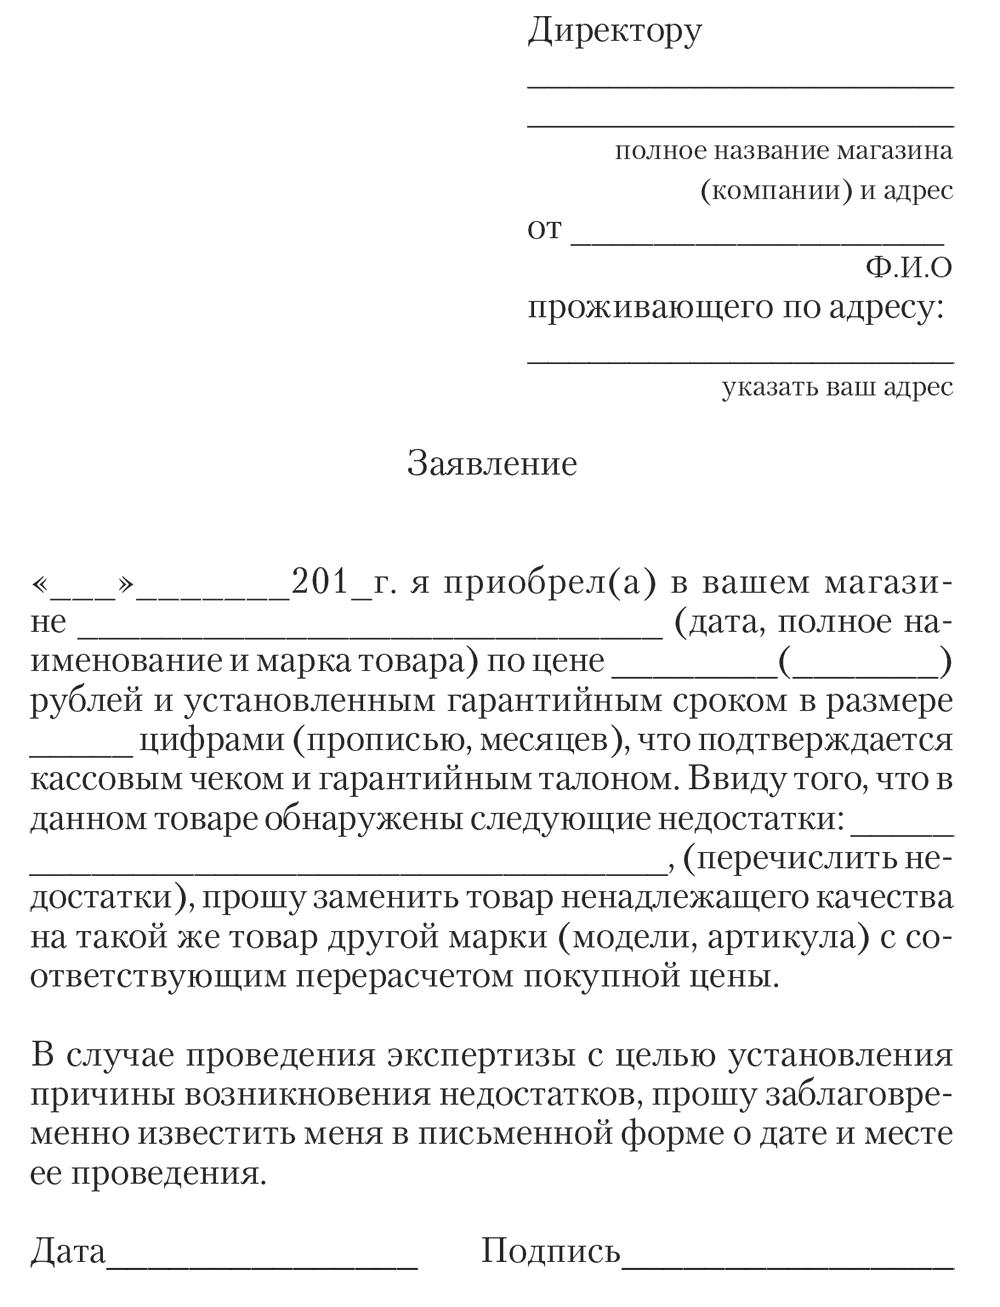 Образец претензии на возврат сотового телефона из ремонта makna idul qurban - ремонт в Москве